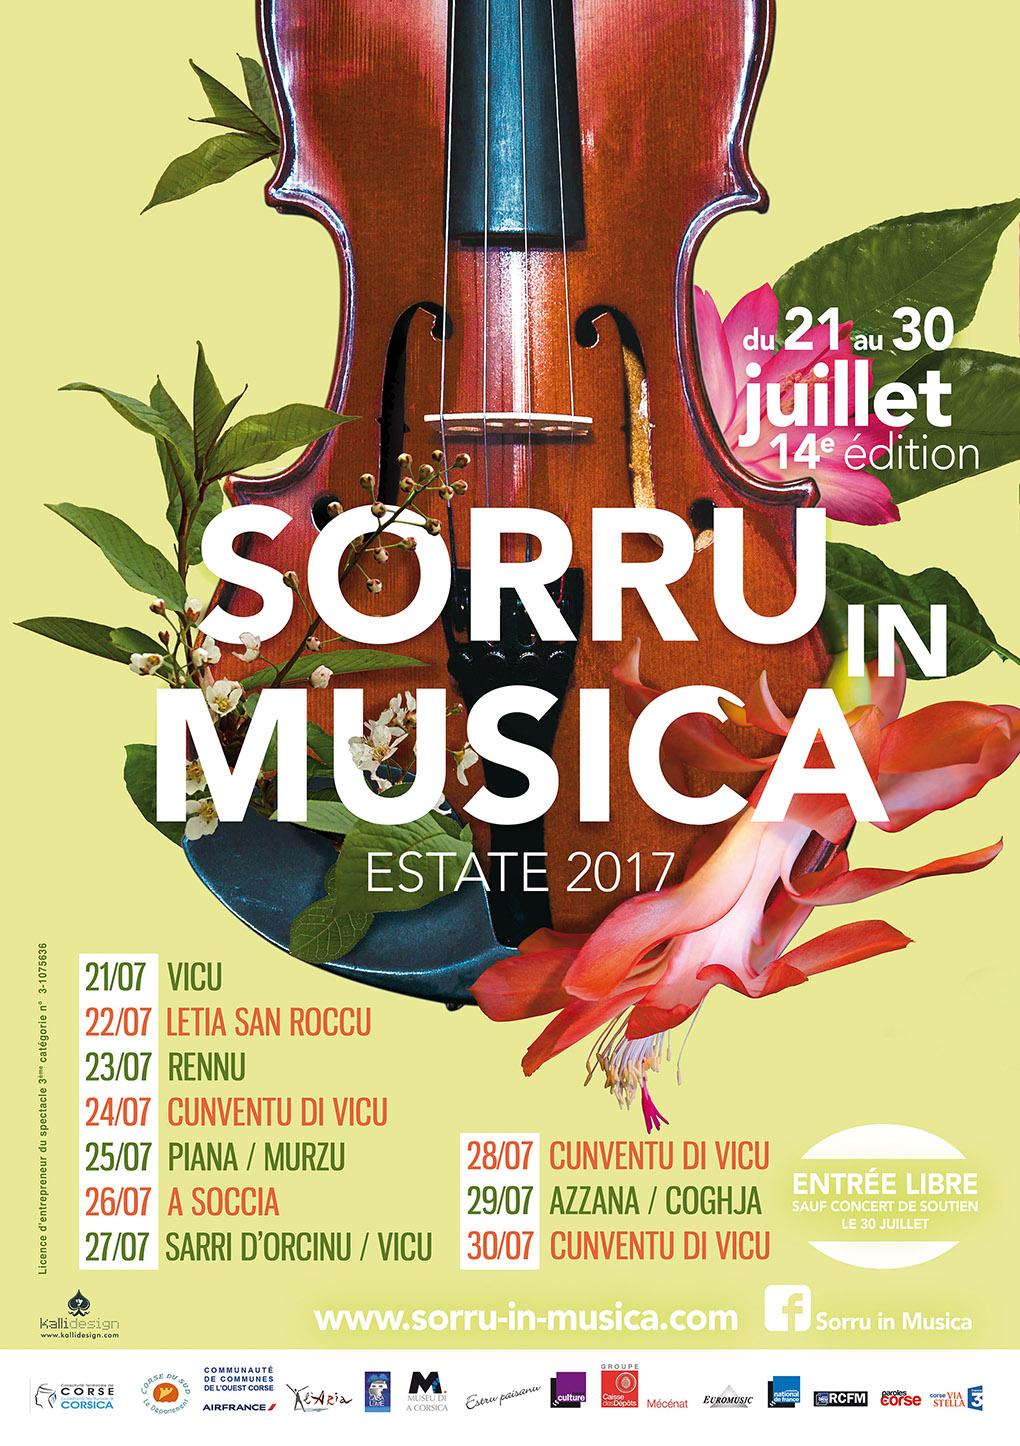 Sorru in Musica 2017